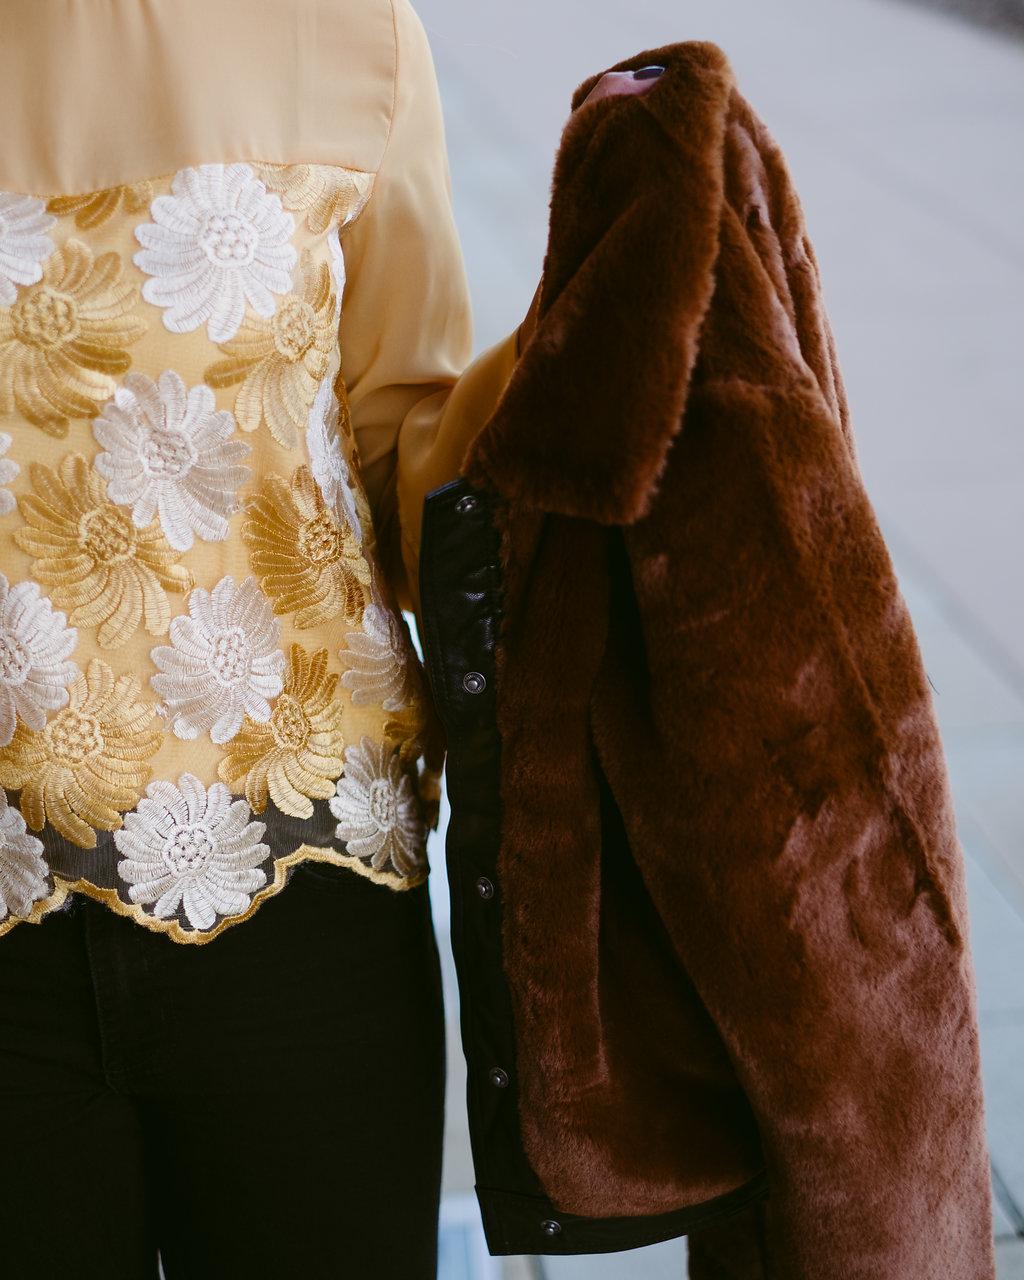 Life style blogger Kelsey Kaplan off Kelsey Kaplan Fashion wearing faux fur bomber jacket